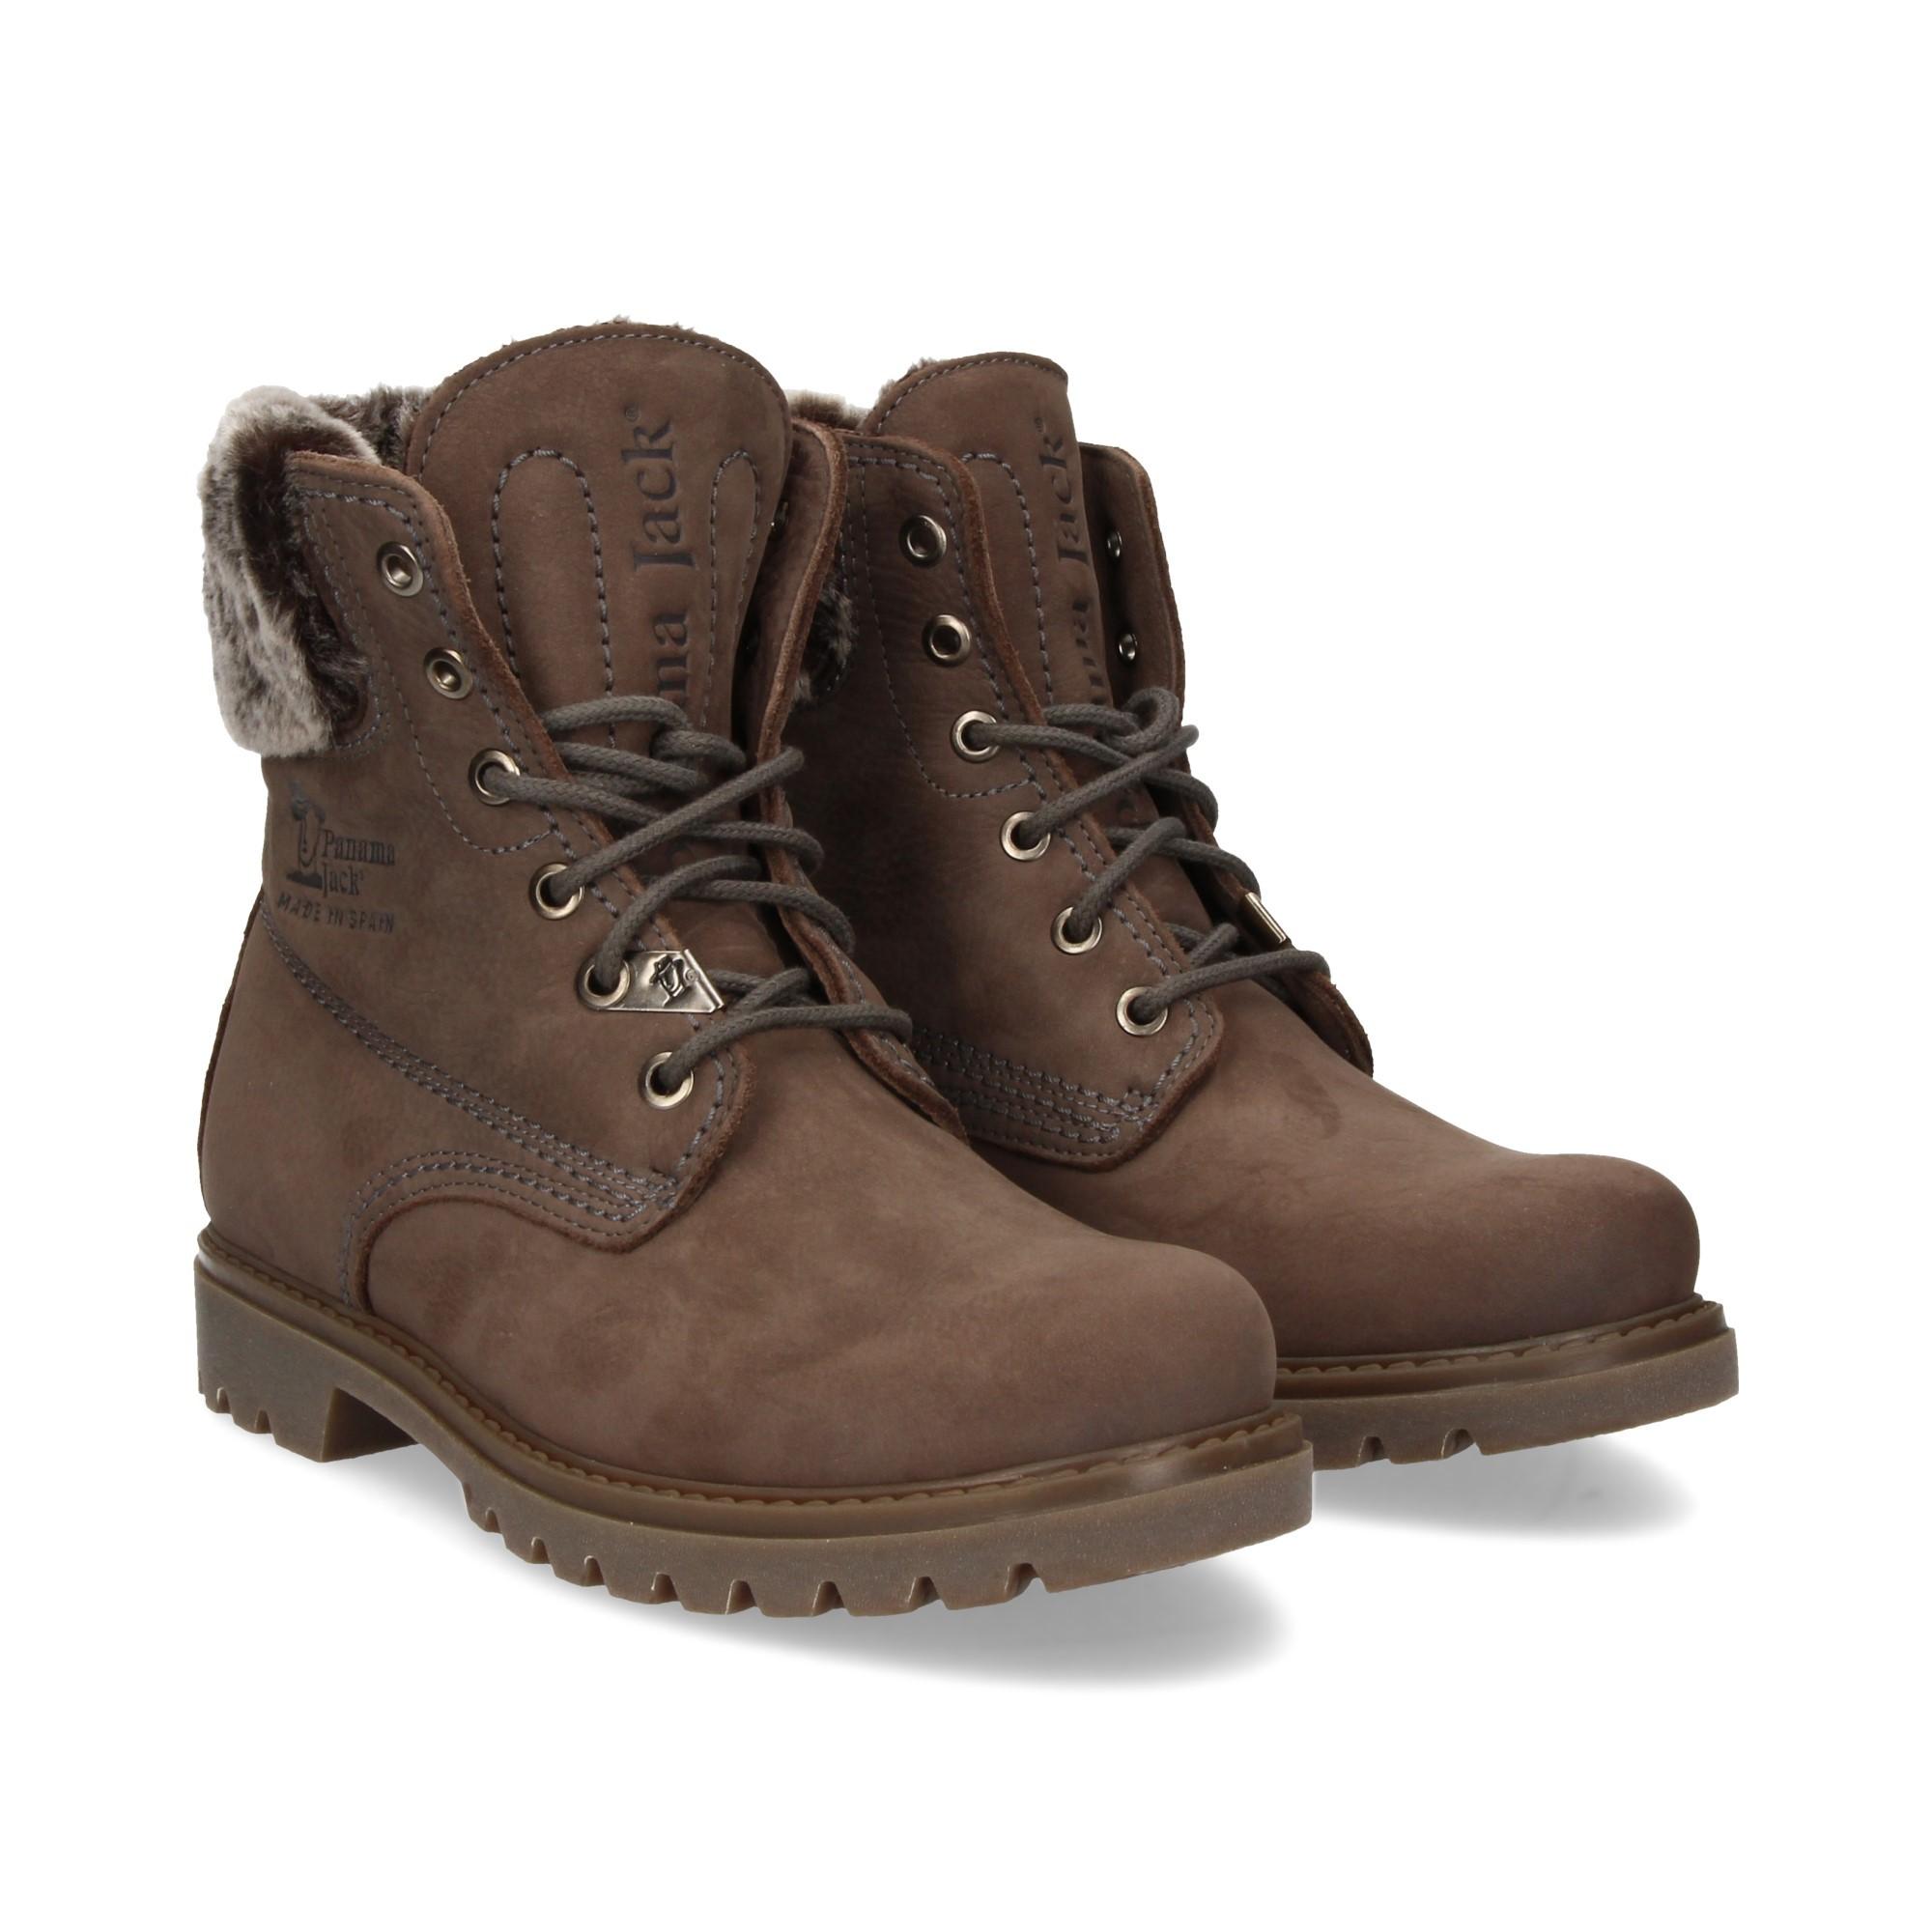 62e1270e11b PANAMA JACK Women's flat ankle boots FELICIA B17 NOBUCK GRIS